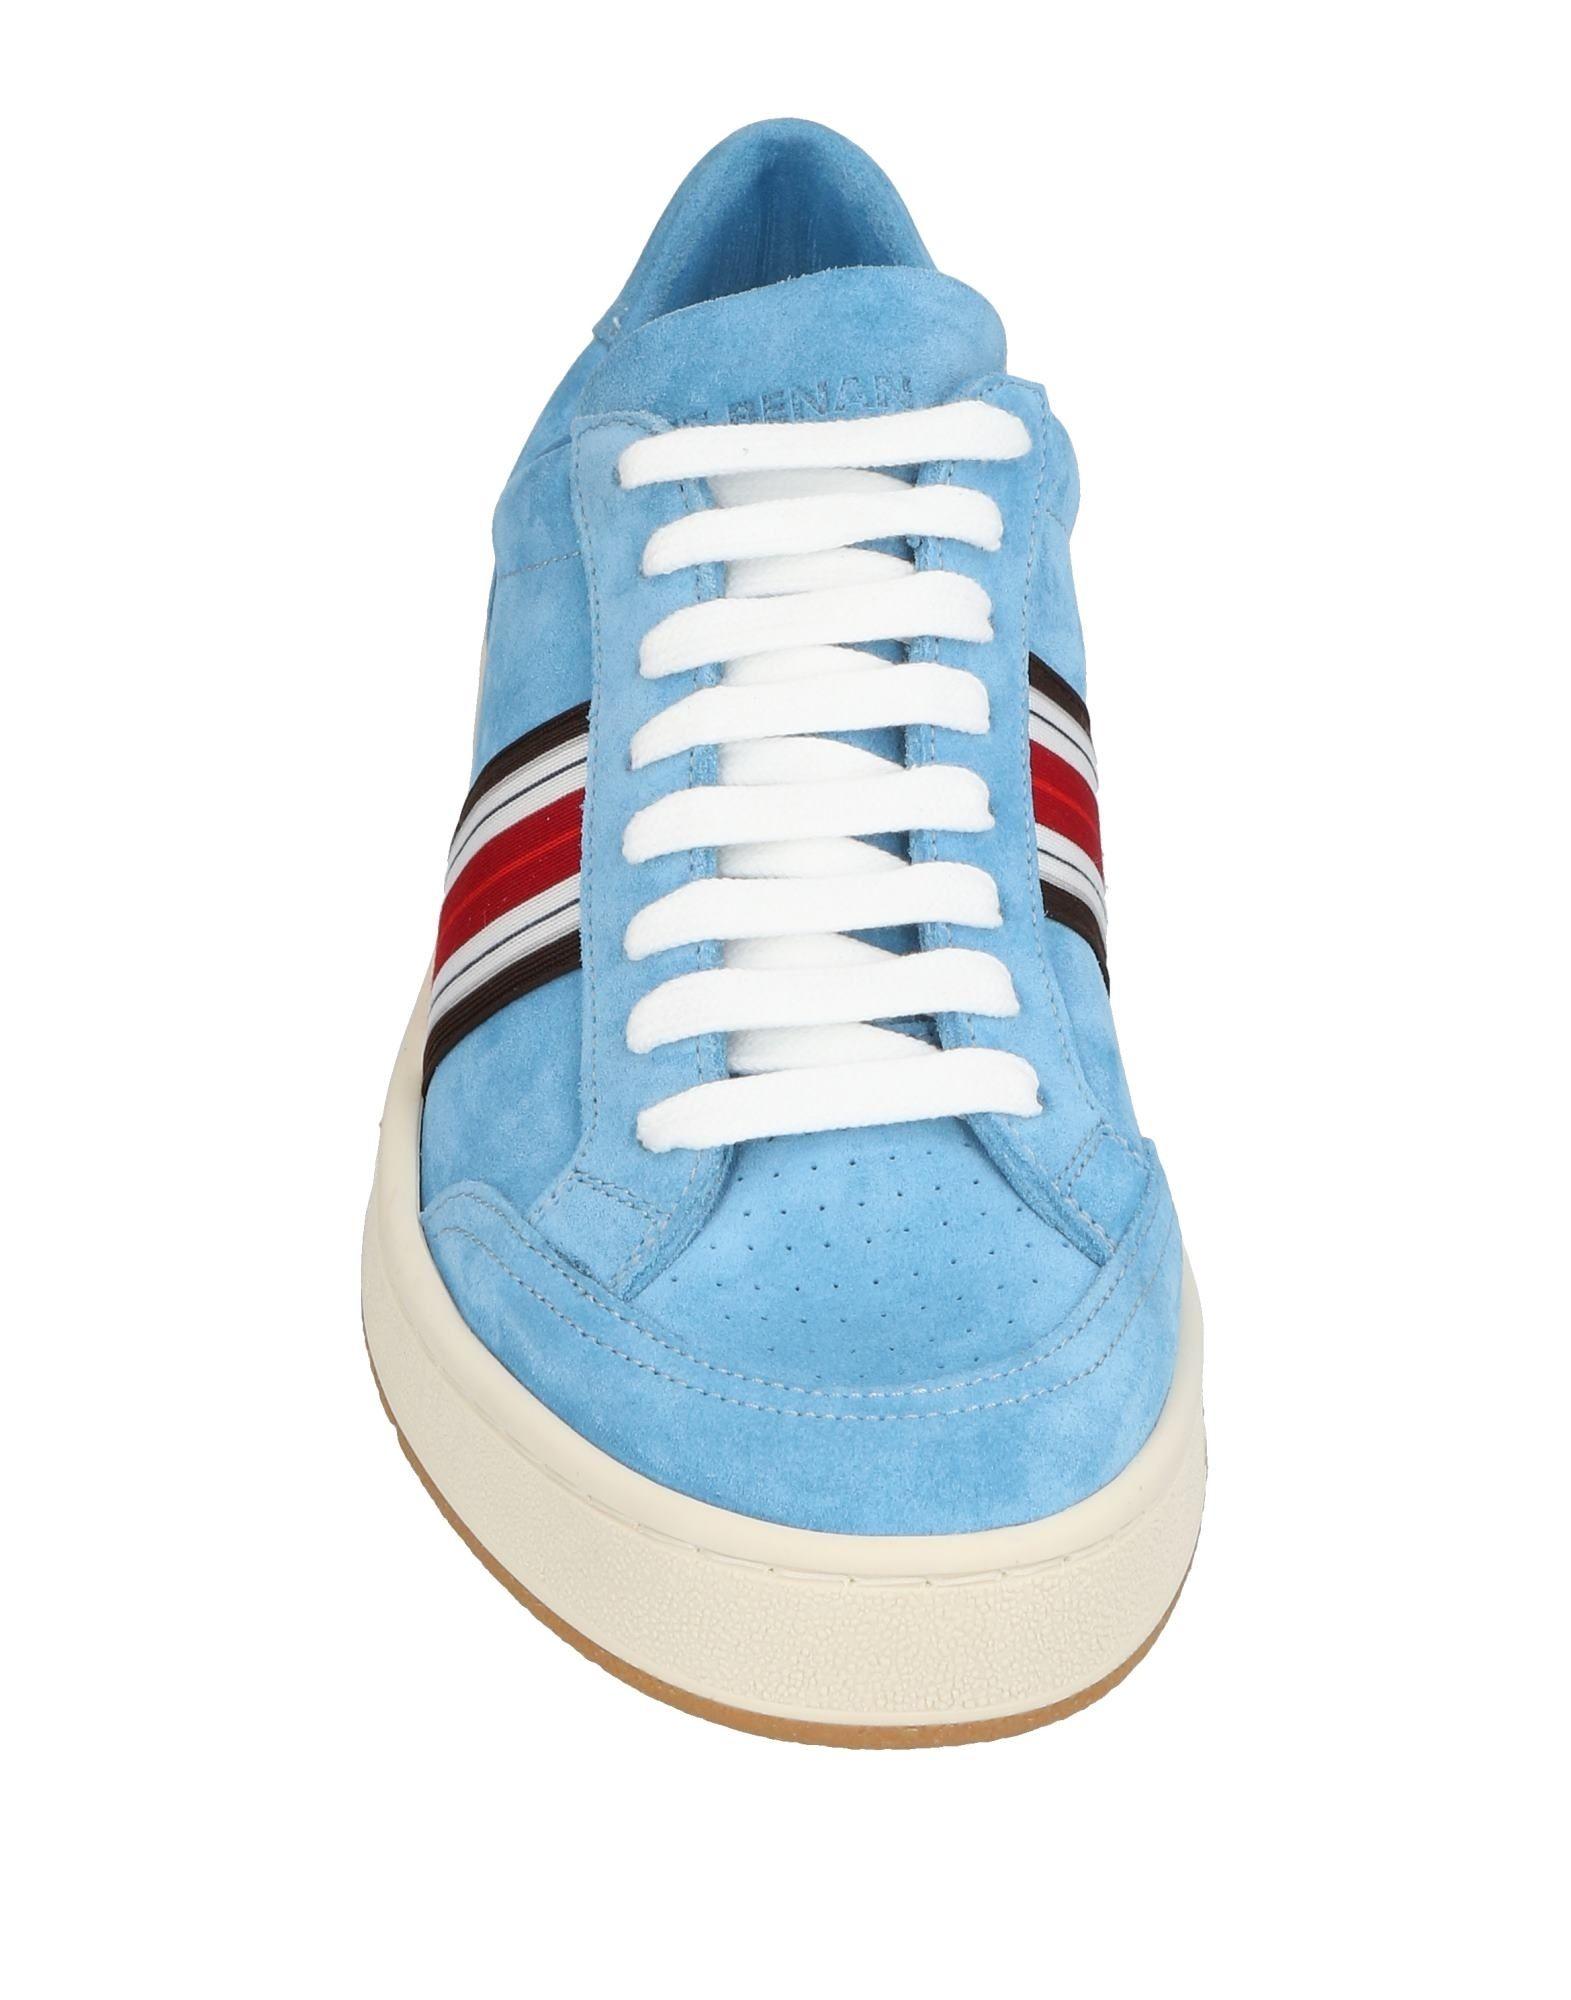 Umit Benan Sneakers Herren beliebte  11454856TA Gute Qualität beliebte Herren Schuhe f03043